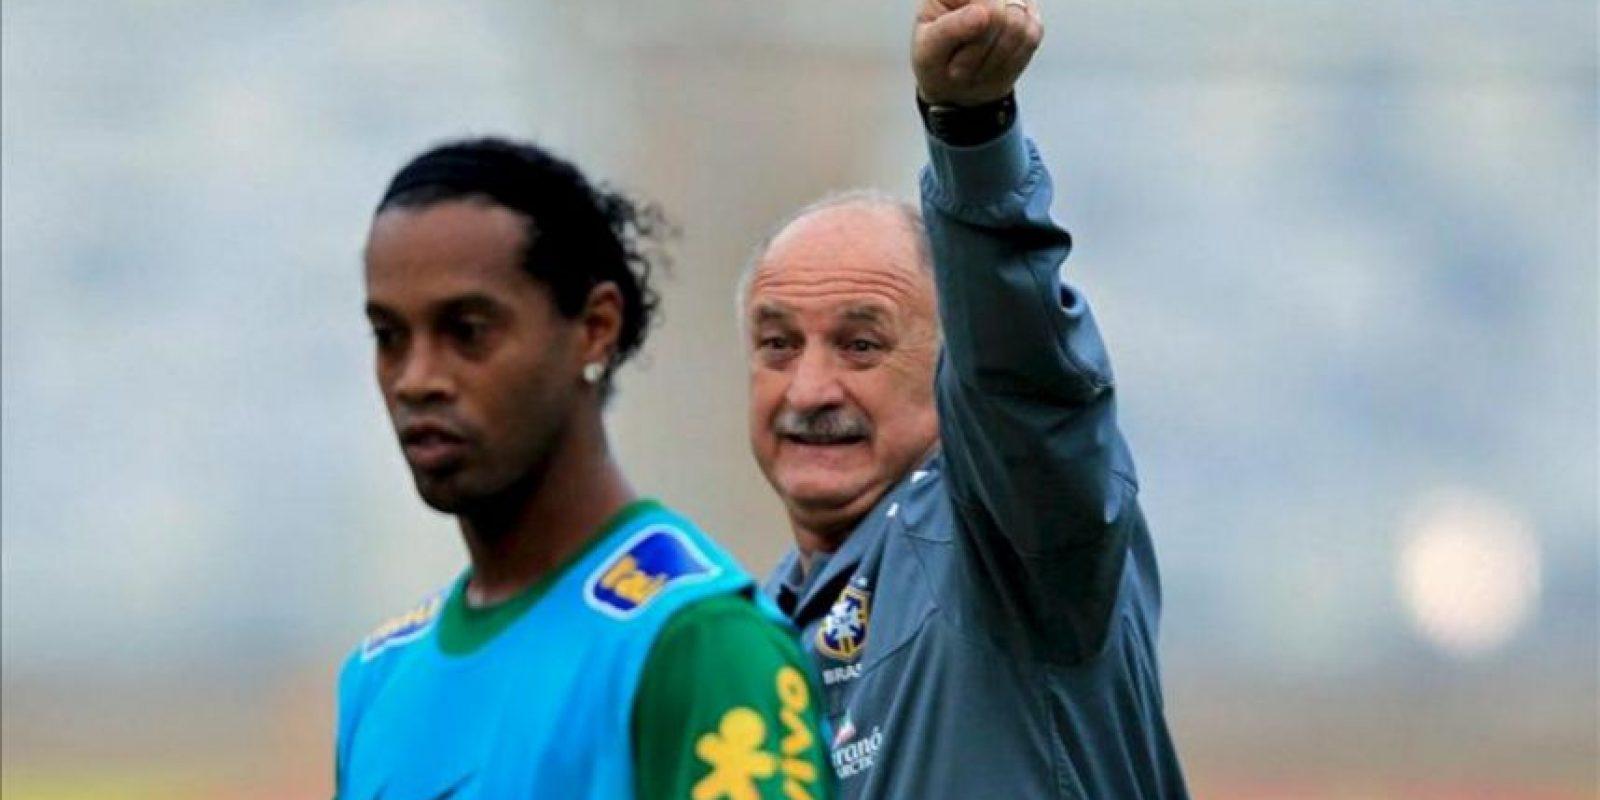 El entrenador de la selección brasileña de fútbol, Luiz Felipe Scolari (d), durante el entrenamiento junto al jugador Ronaldinho Gaúcho en el estadio de Mineirao, en Belo Horizonte (Brasil), previo al partido amistoso de mañana contra el seleccionado de Chile. EFE